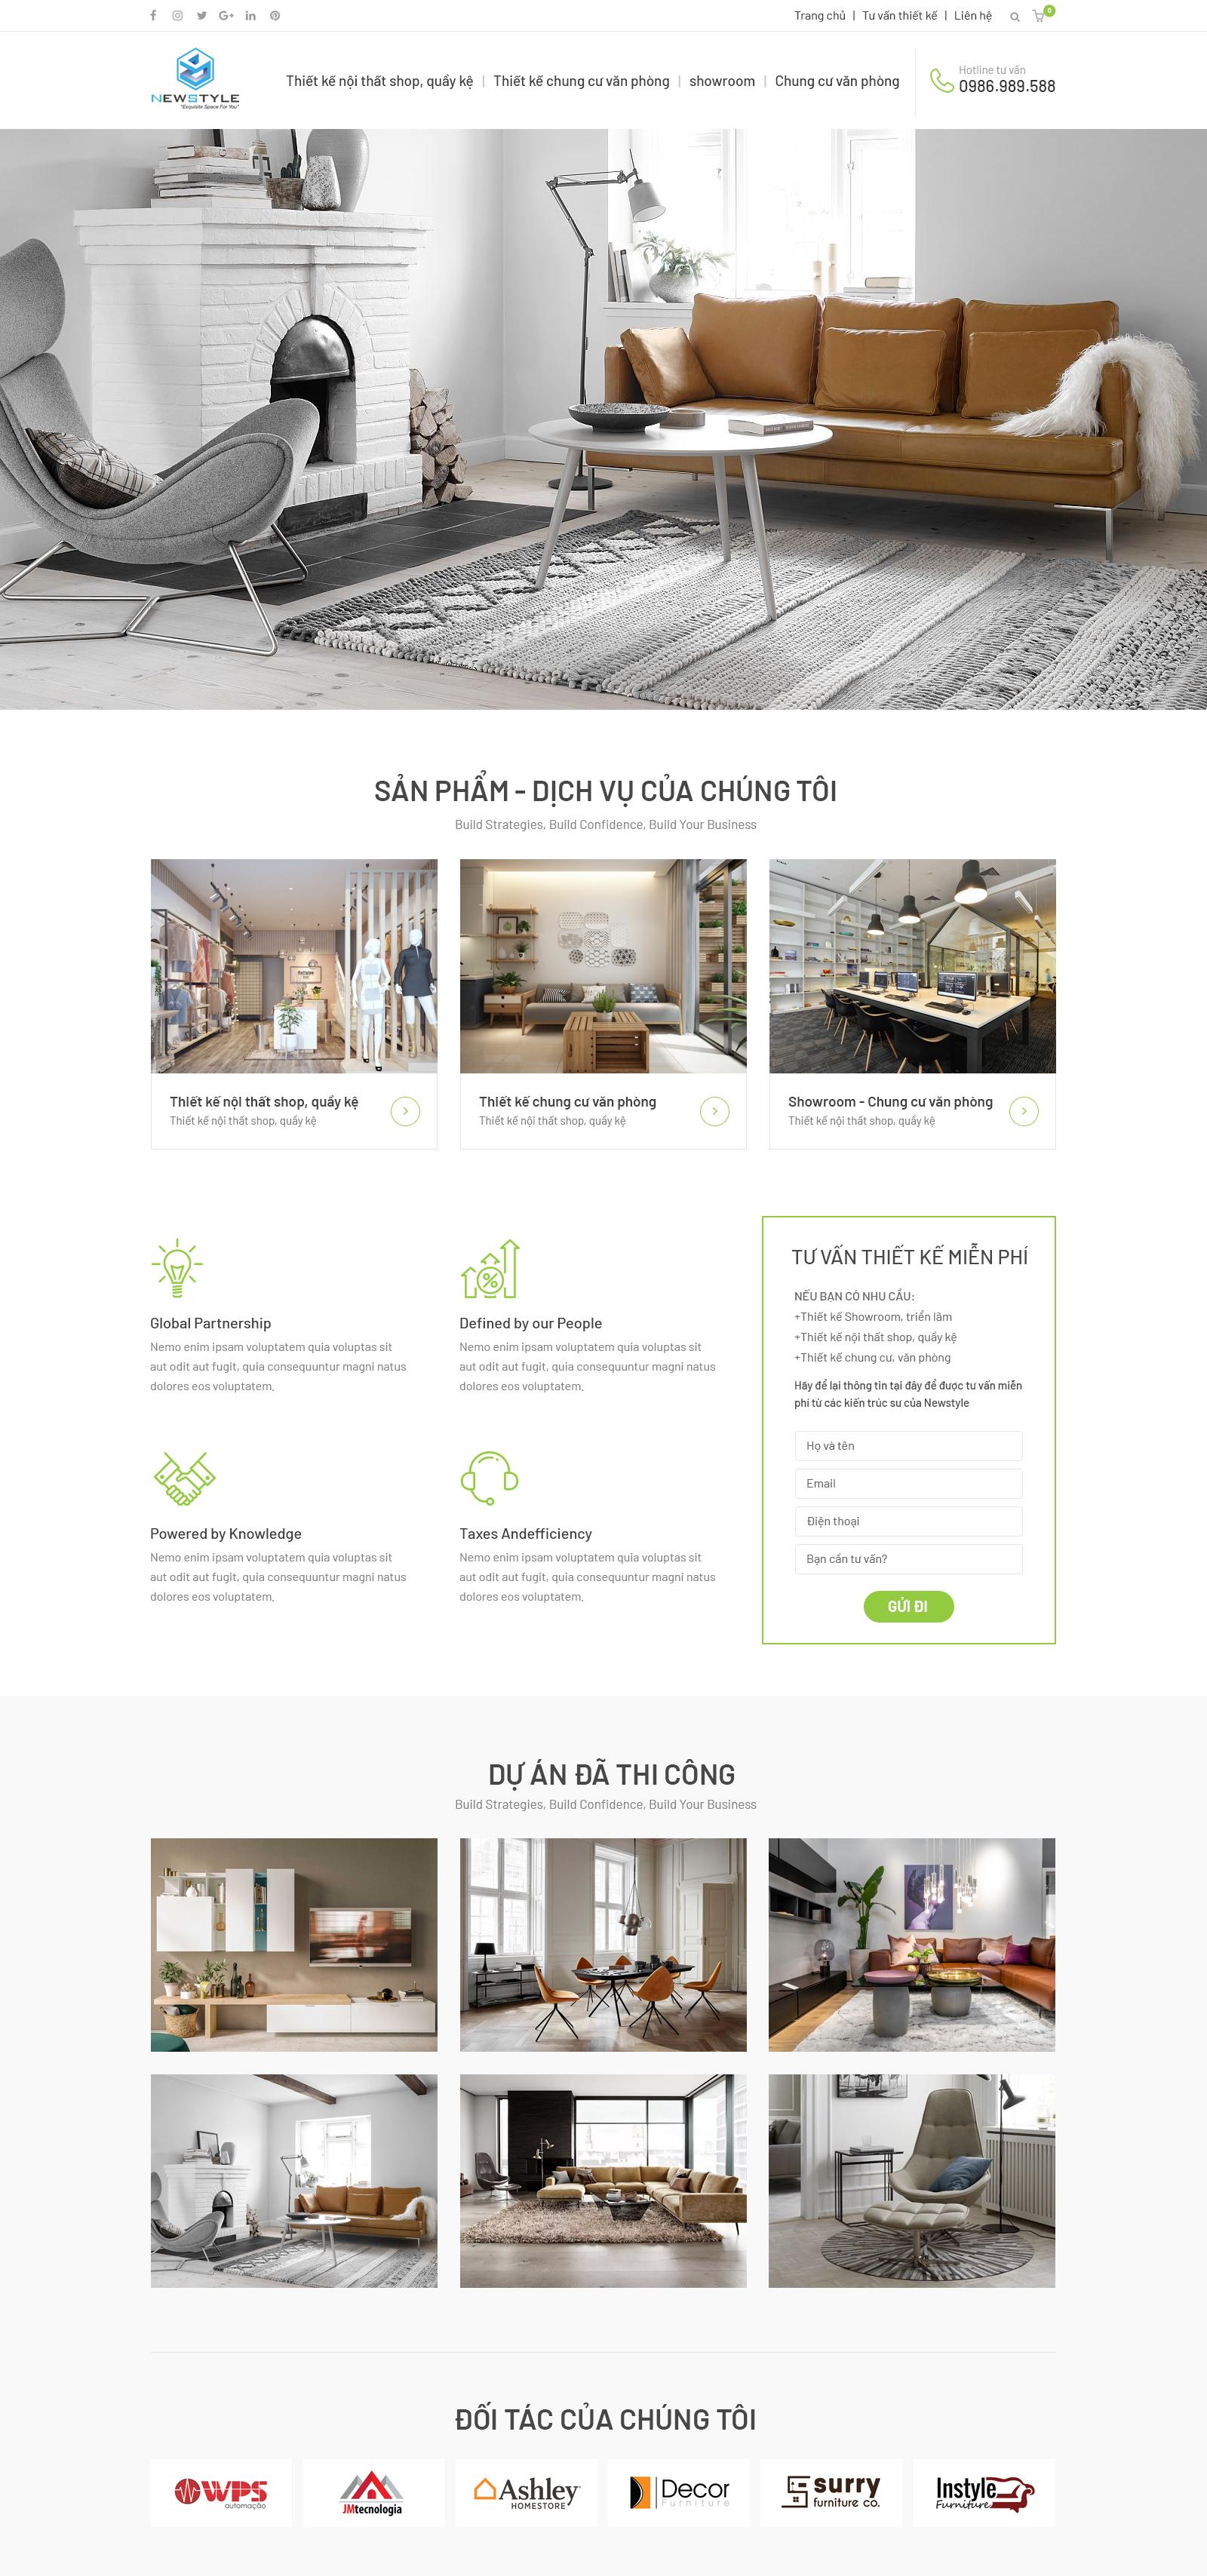 Website Nội thất 14 RT